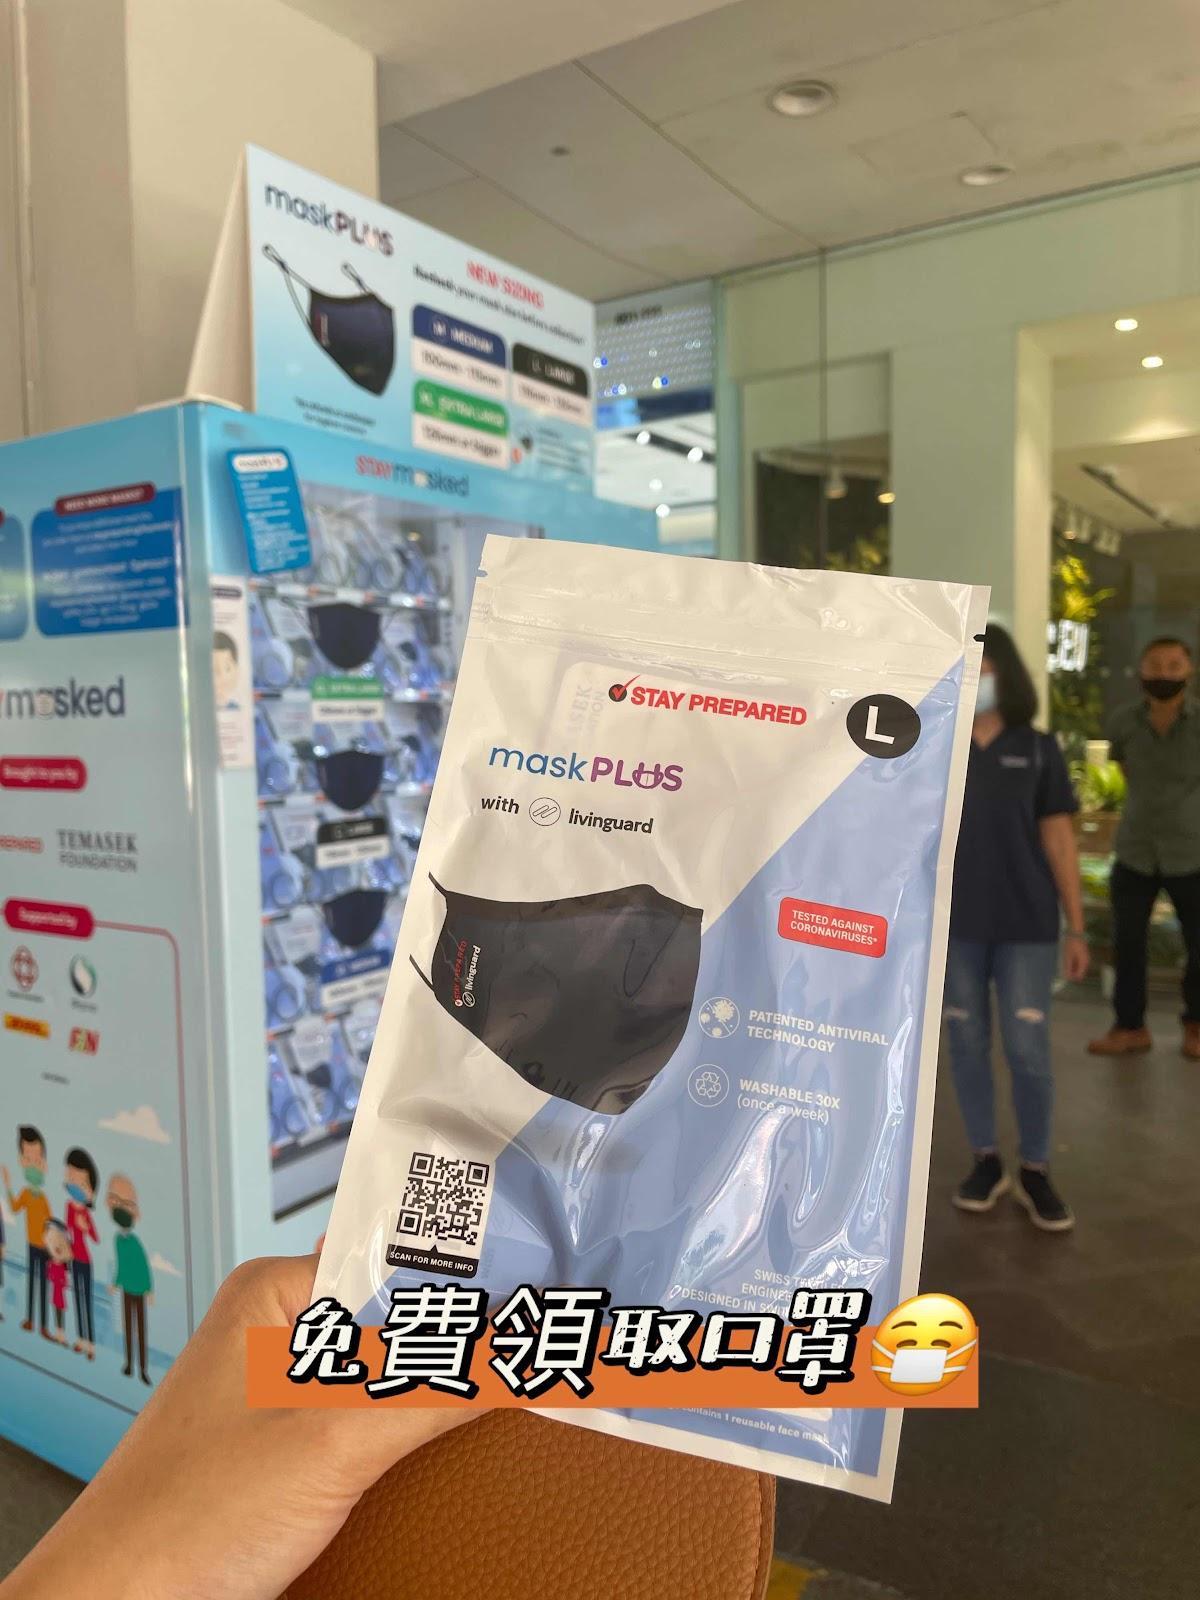 新加坡|如何領取口罩 #重複使用清洗30次